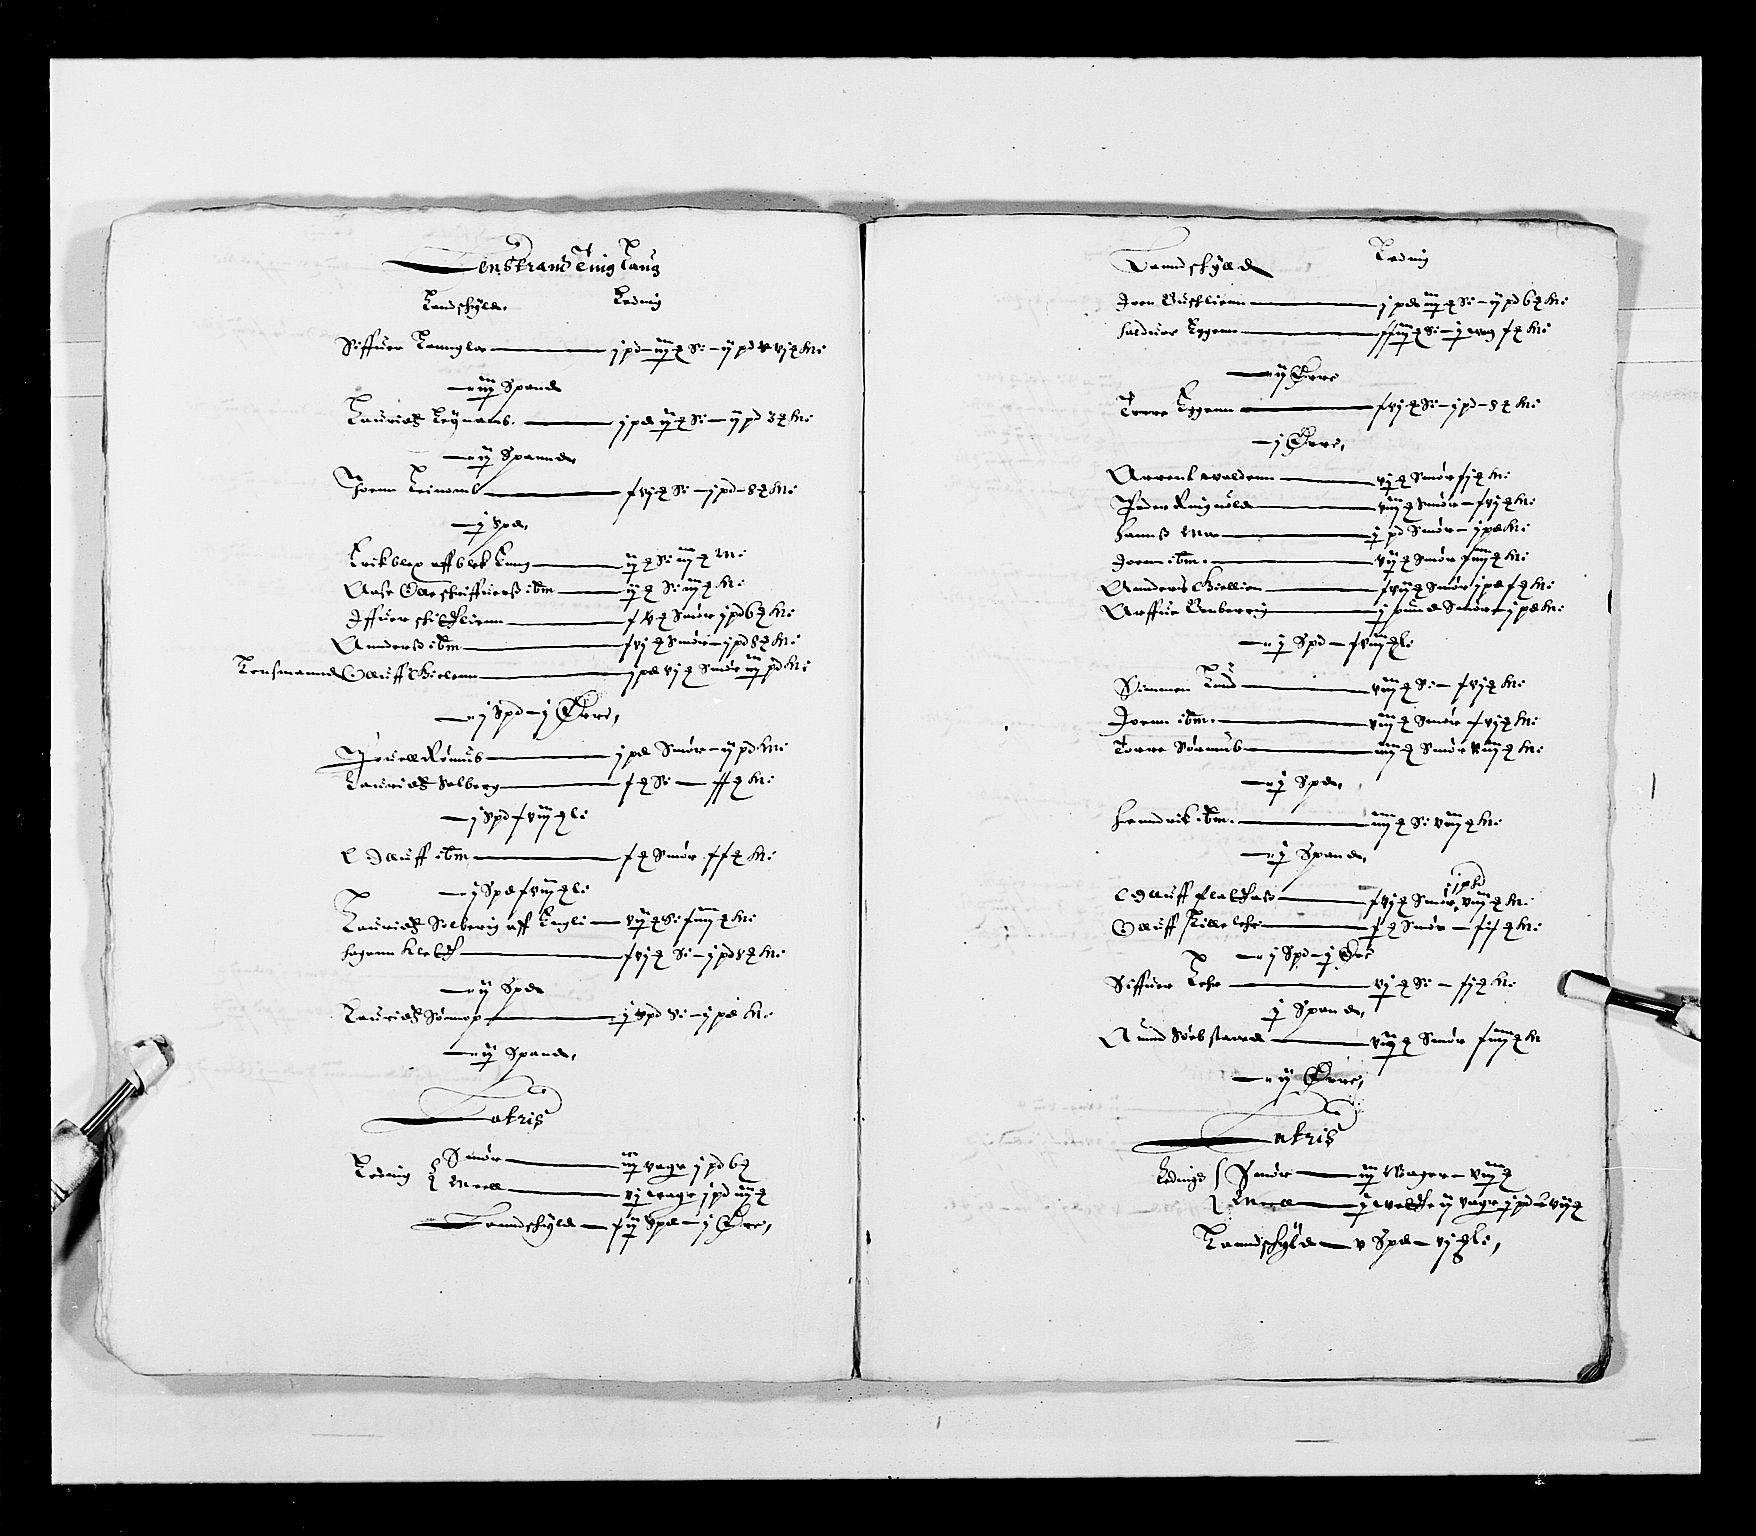 RA, Stattholderembetet 1572-1771, Ek/L0028: Jordebøker 1633-1658:, 1645-1646, s. 170